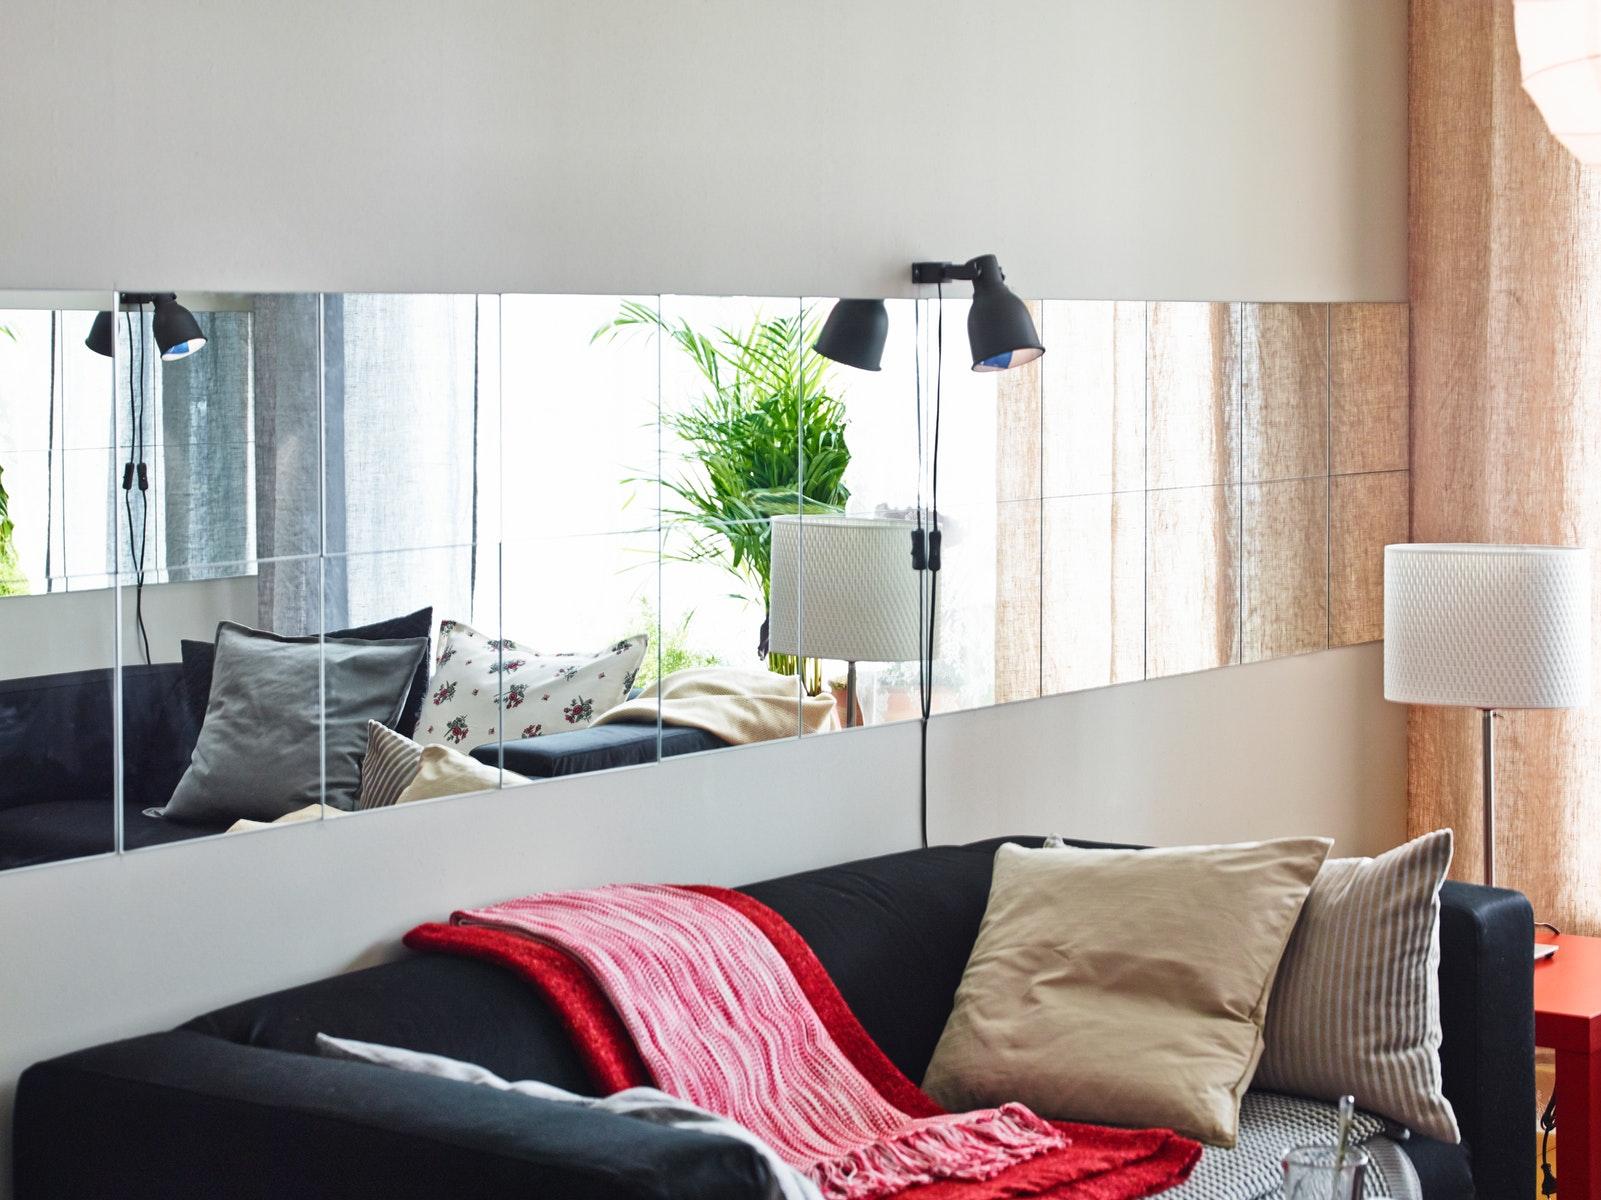 dekorasi ruang tamu minimalis dengan cermin